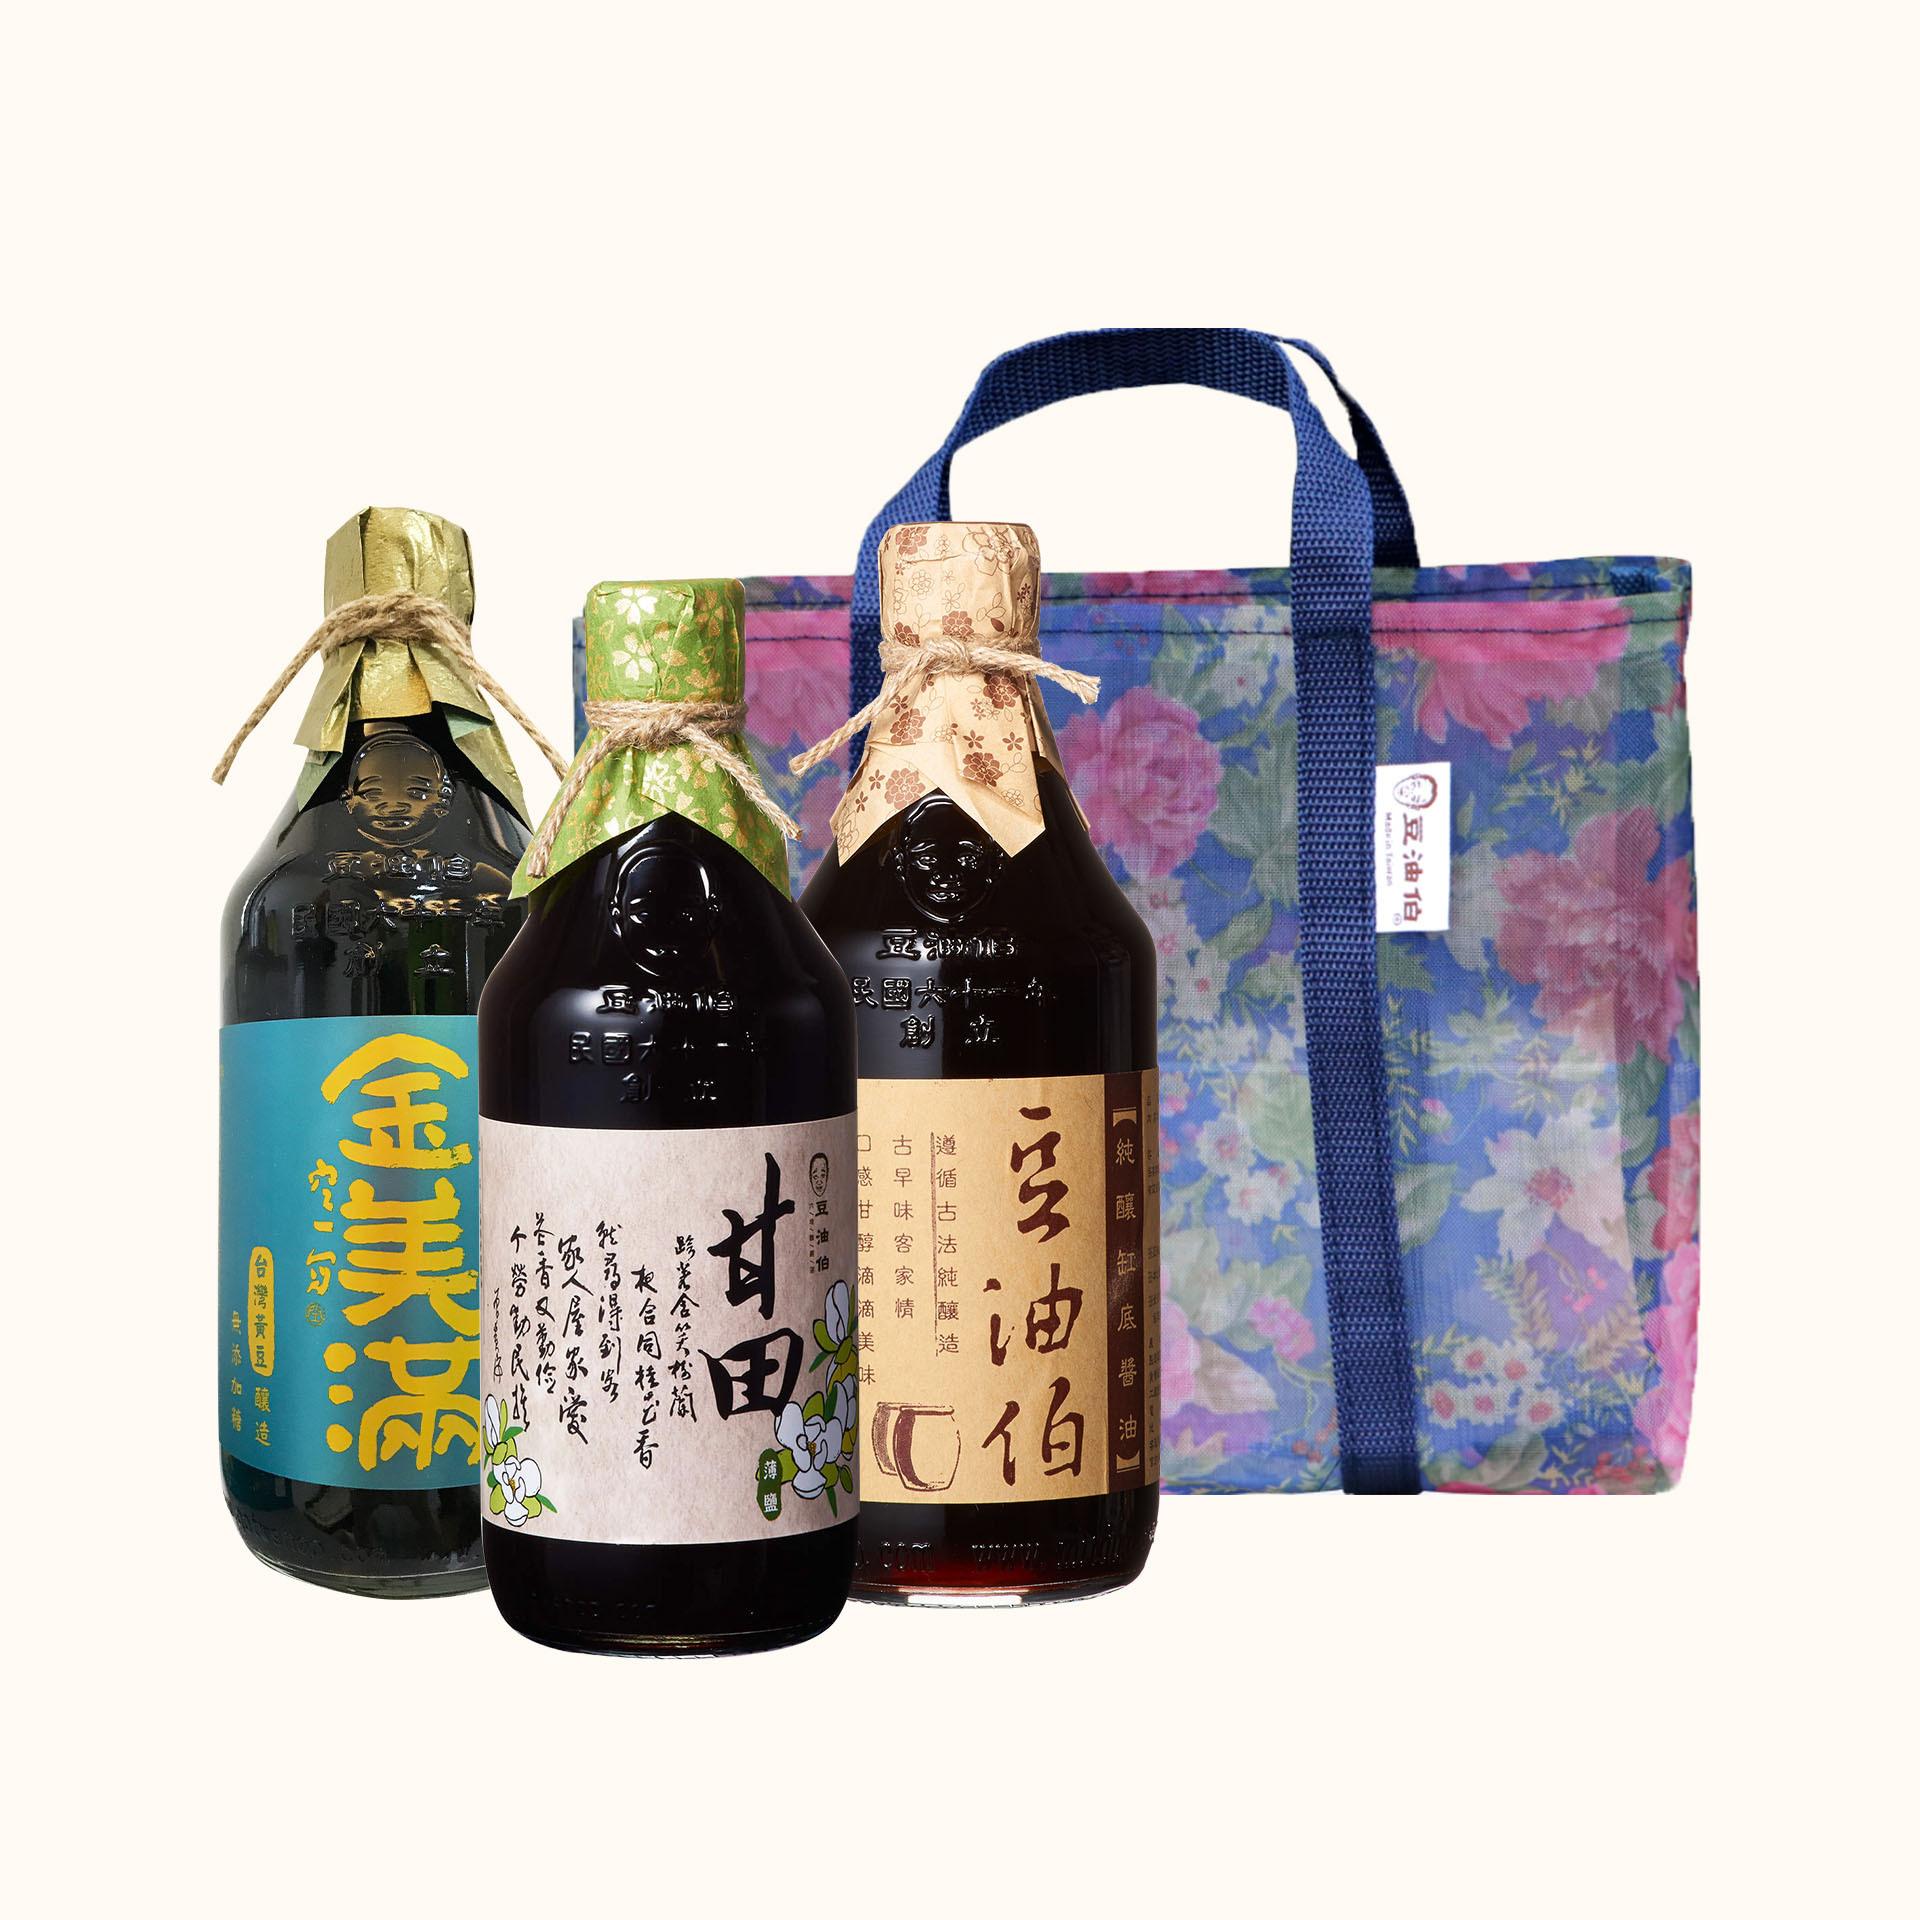 【中秋禮盒】缸底醬油1入+甘田醬油1入+金美滿醬油1入(共3入)送復古花袋1個(不挑色)